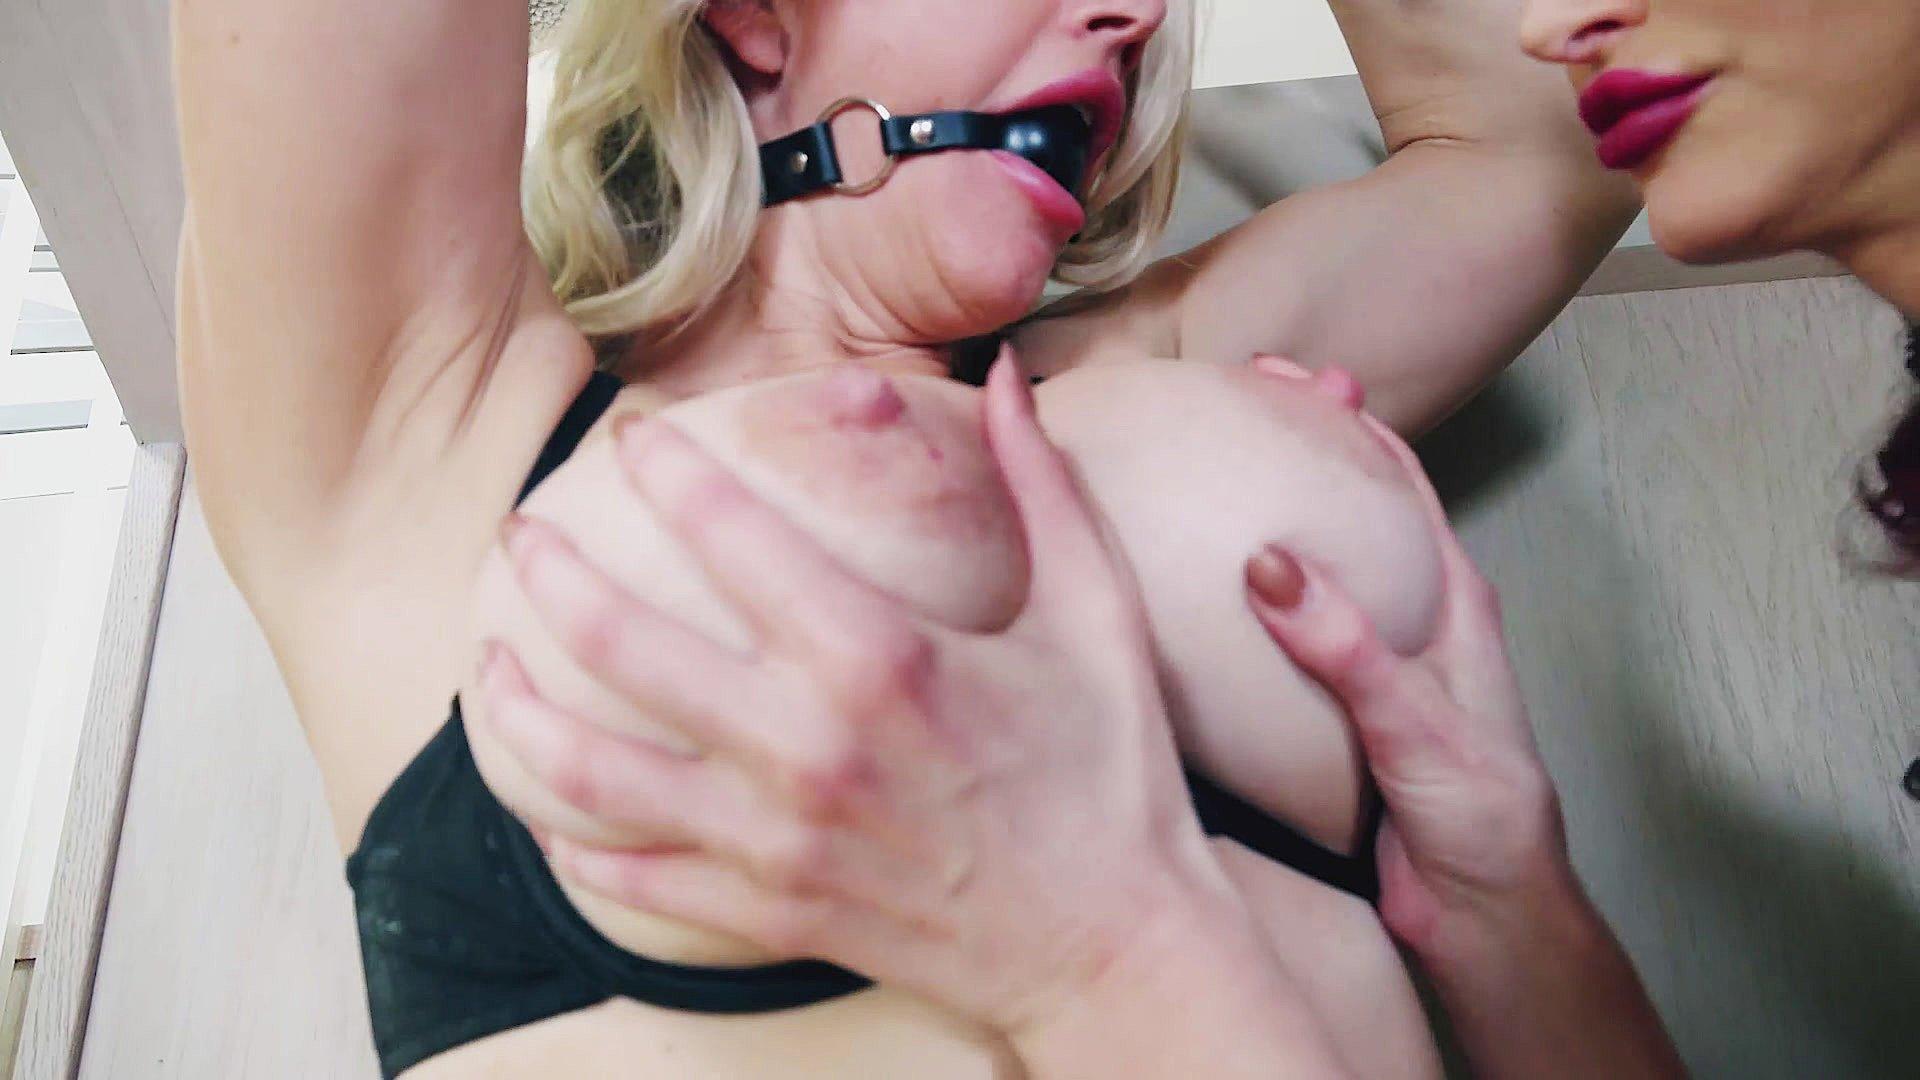 Big tit latina sex pictures